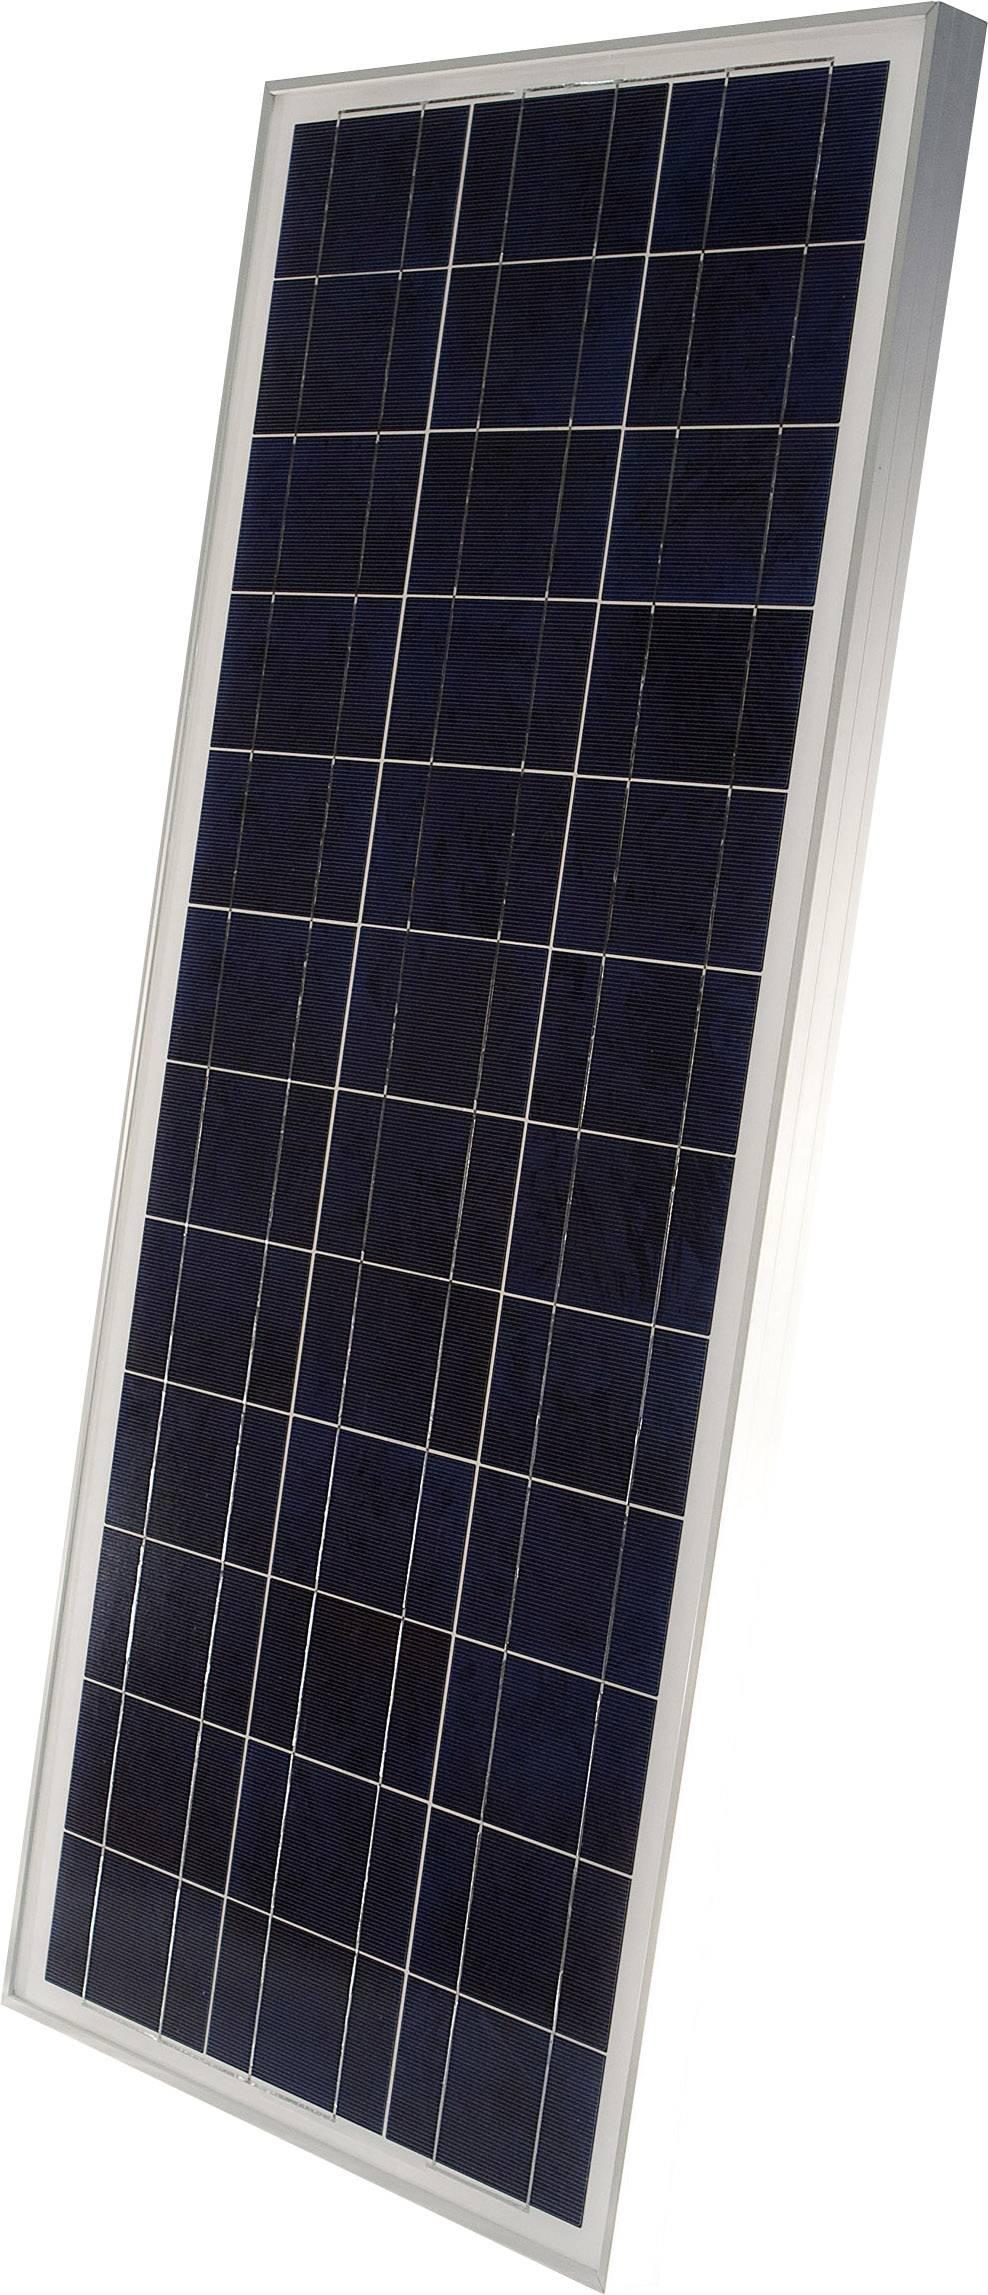 Polykryštalický solárny panel Sunset PX 85, 4670 mA, 85 Wp, 12 V